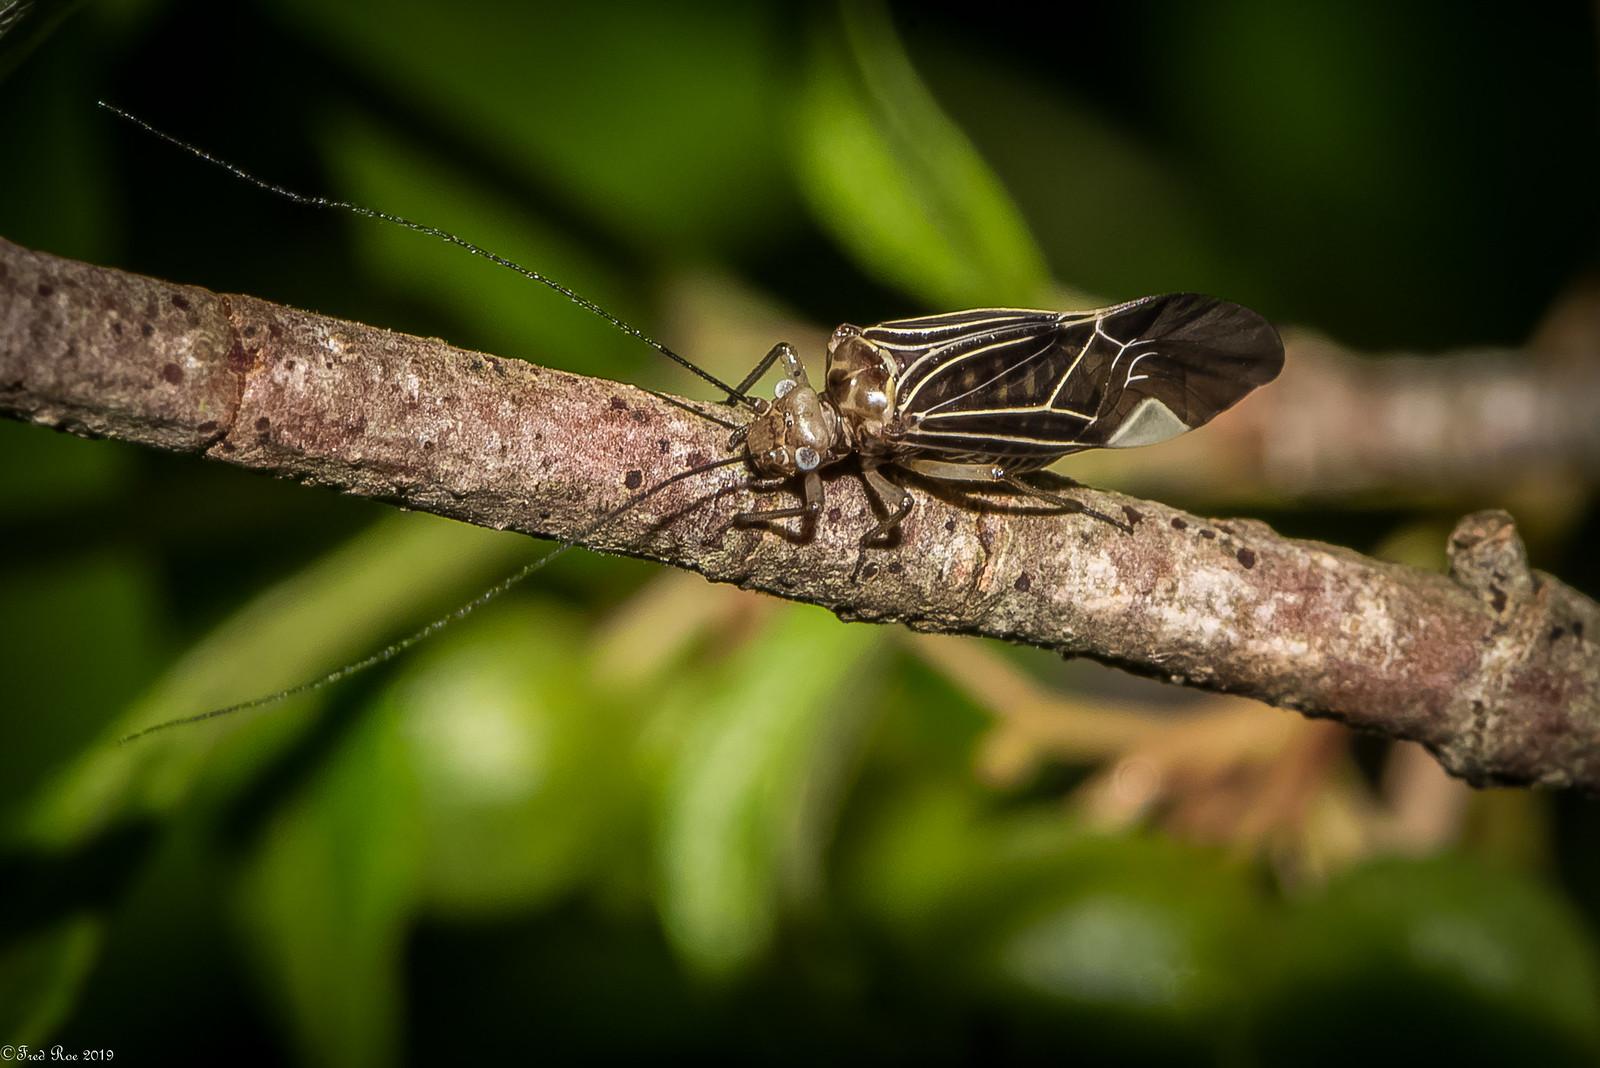 Common Bark Louse [Cerastipsocus venosus]